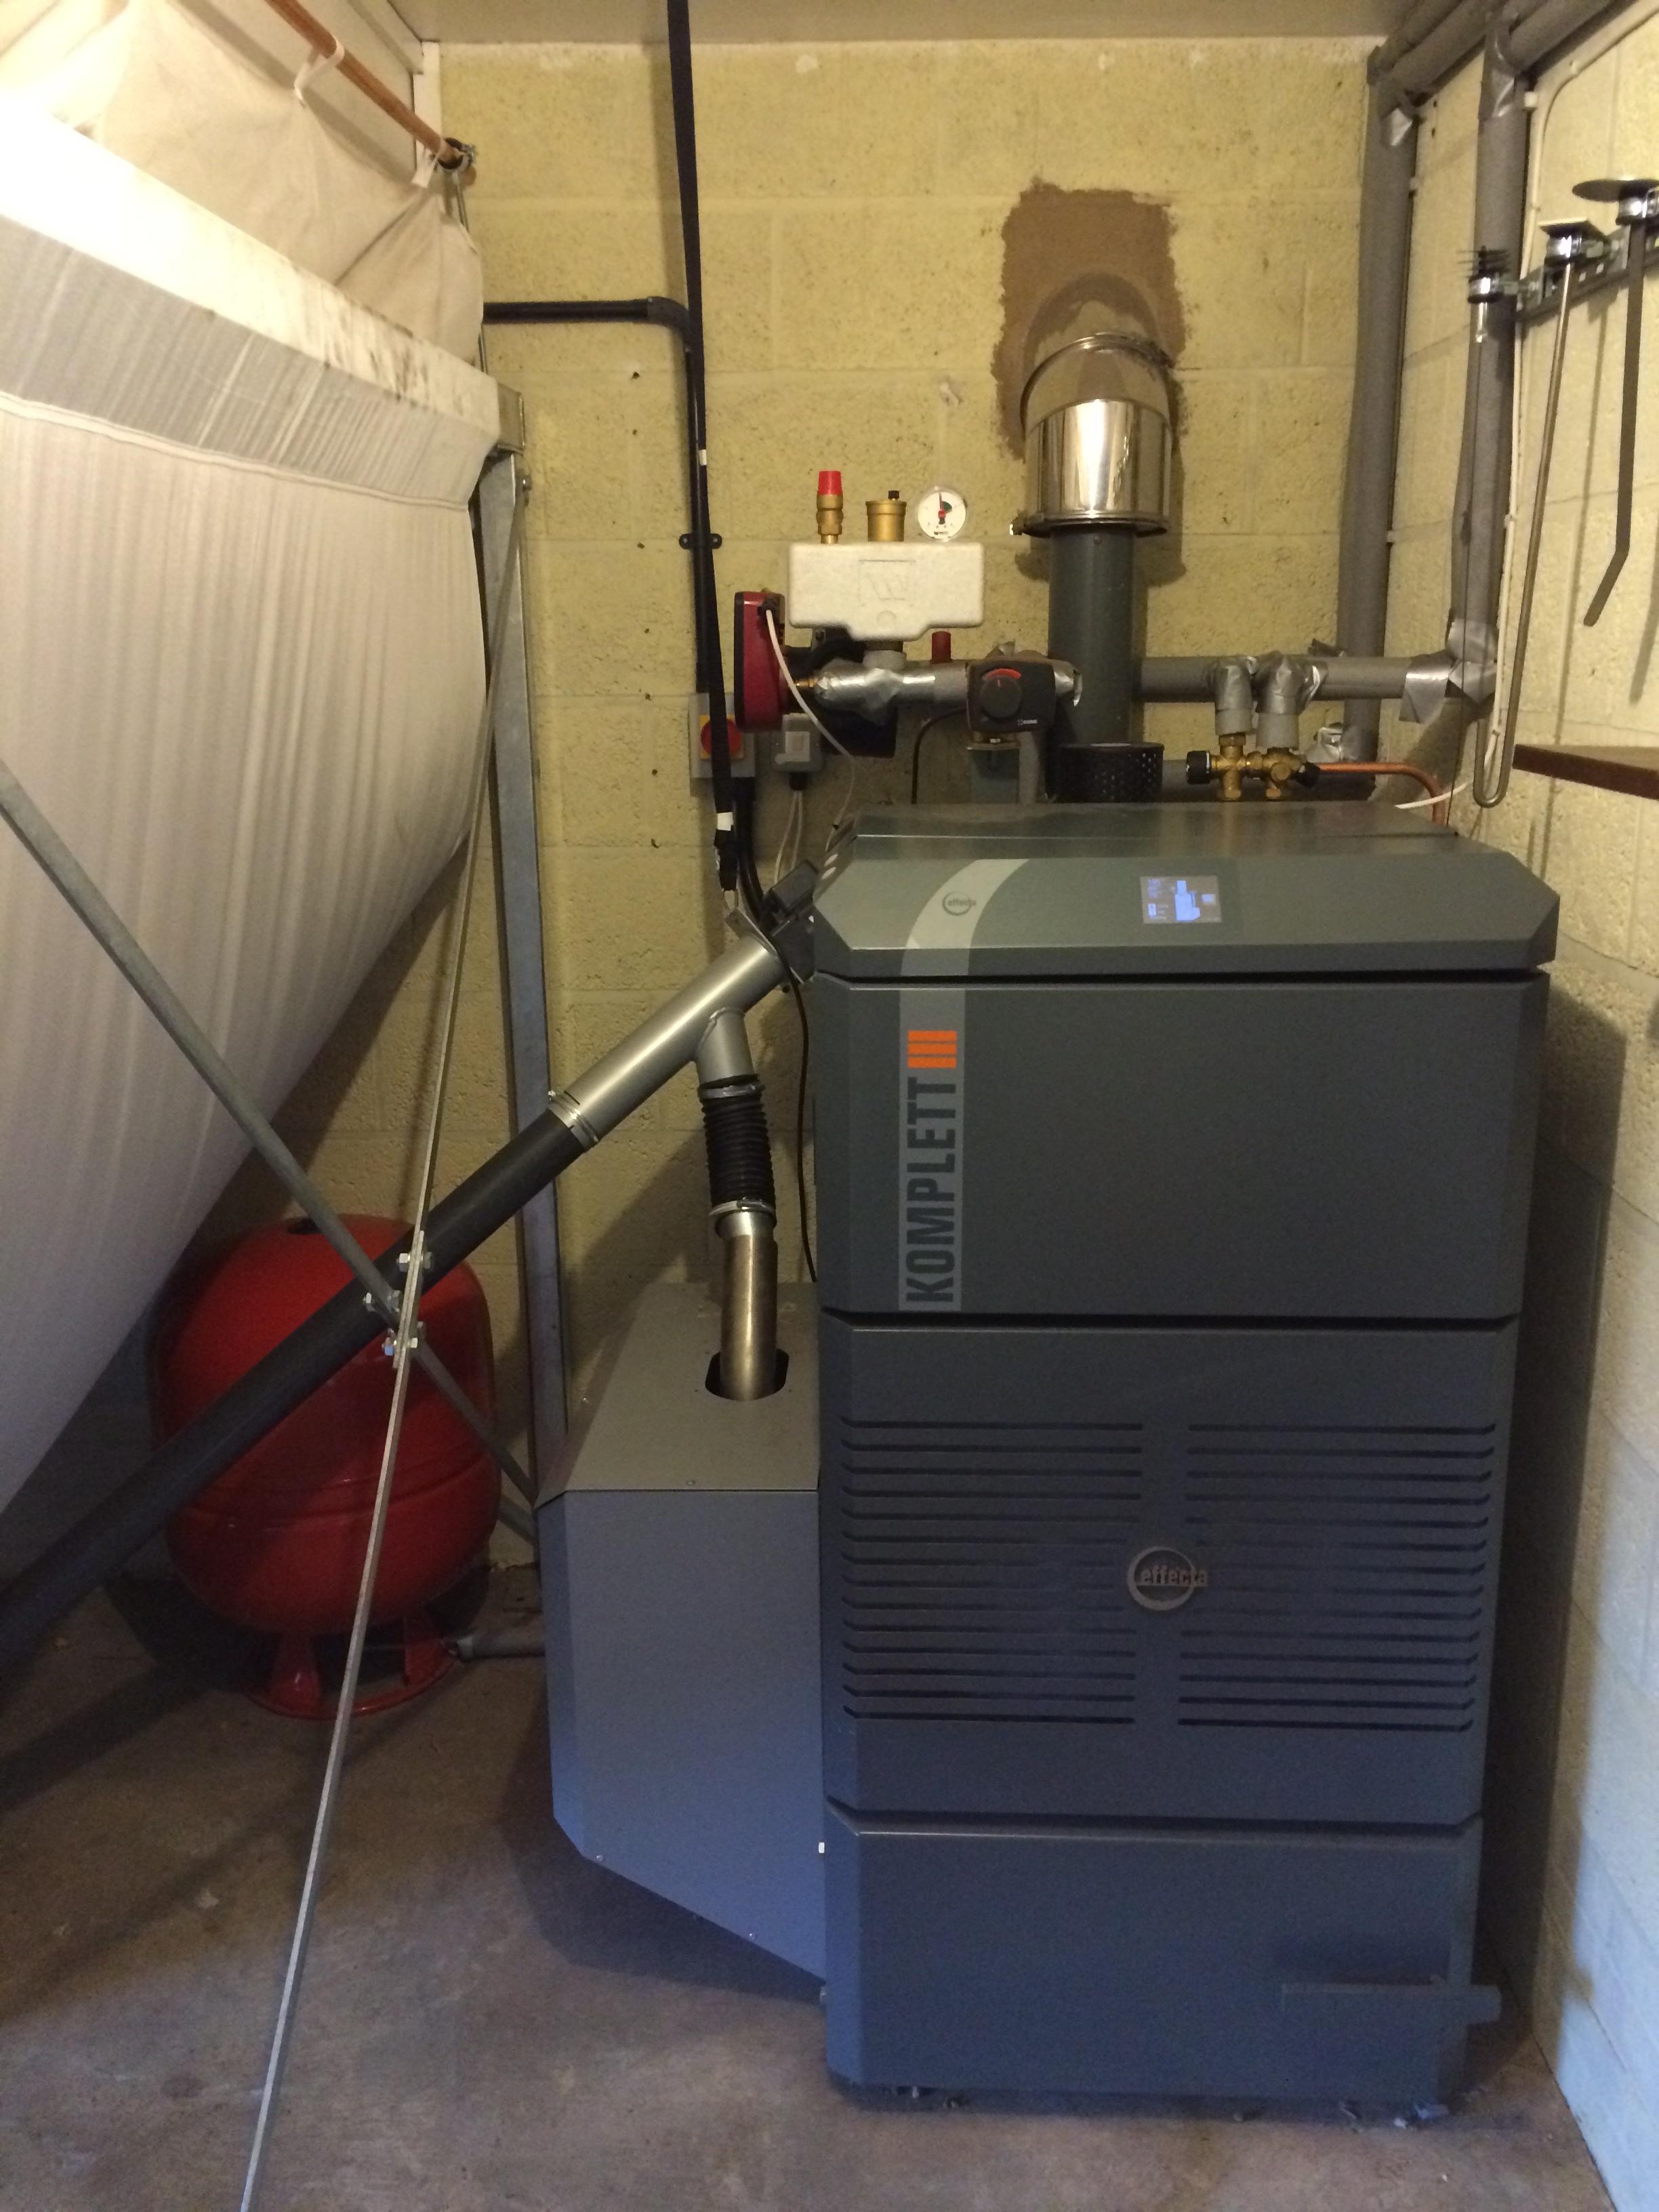 Effecta Komplett III Biomass Boiler